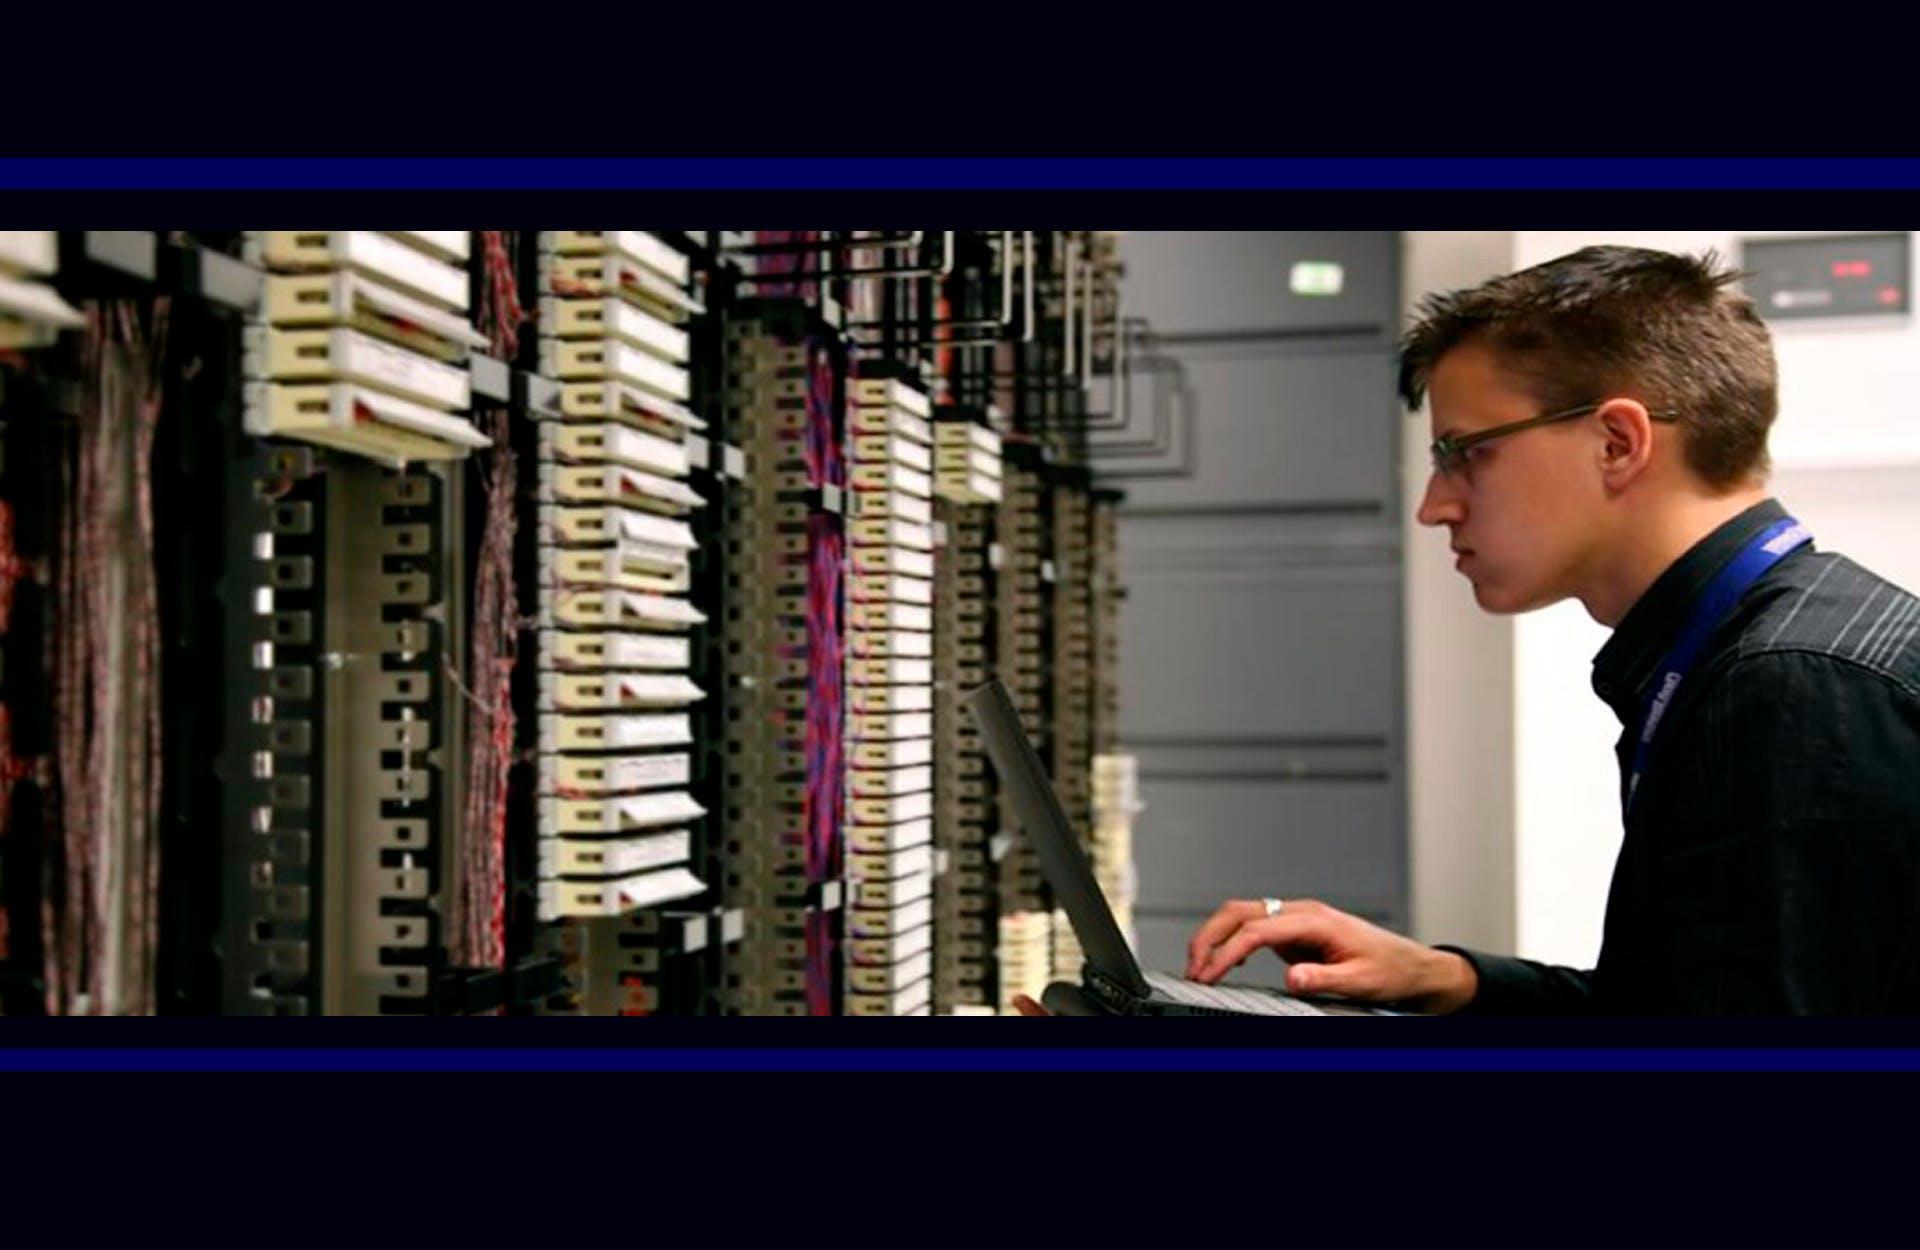 Diplomado en Ciberseguridad 2019 UNAM  GRUPO SMARTEKH